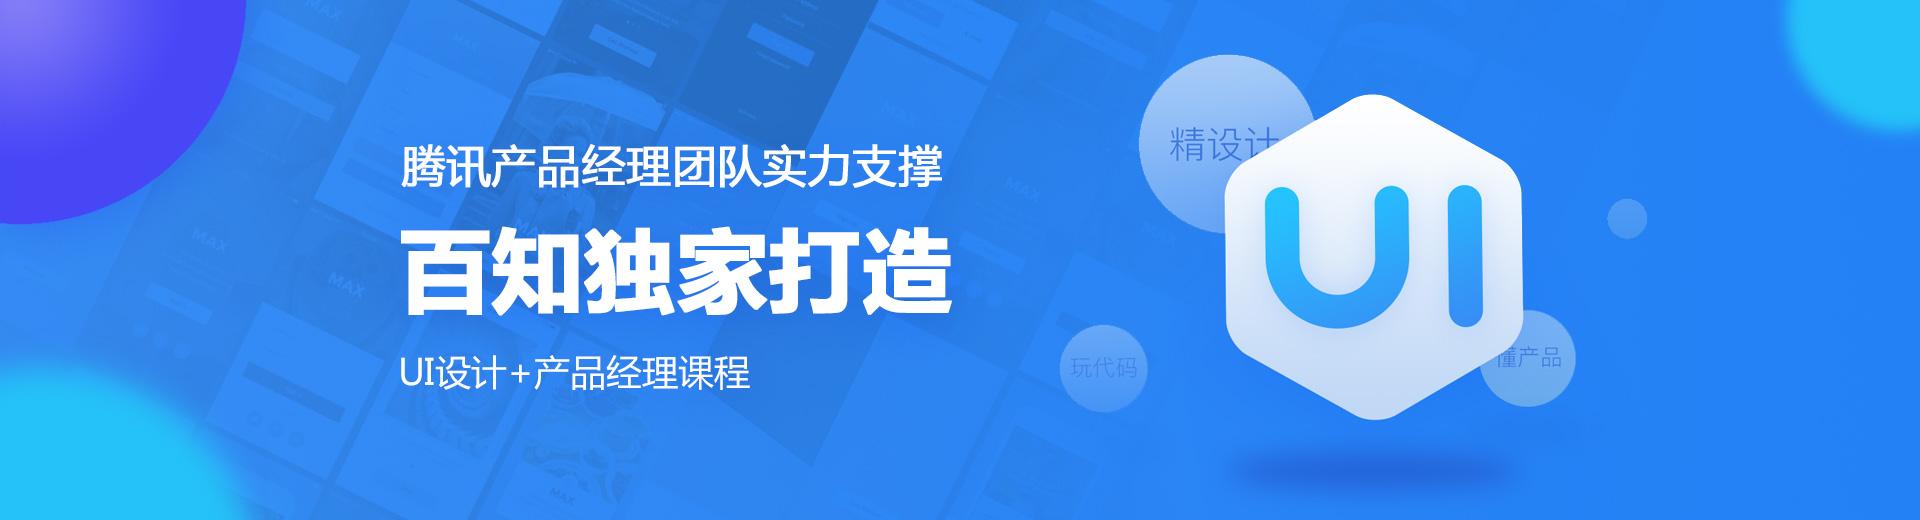 百知ui培训banner